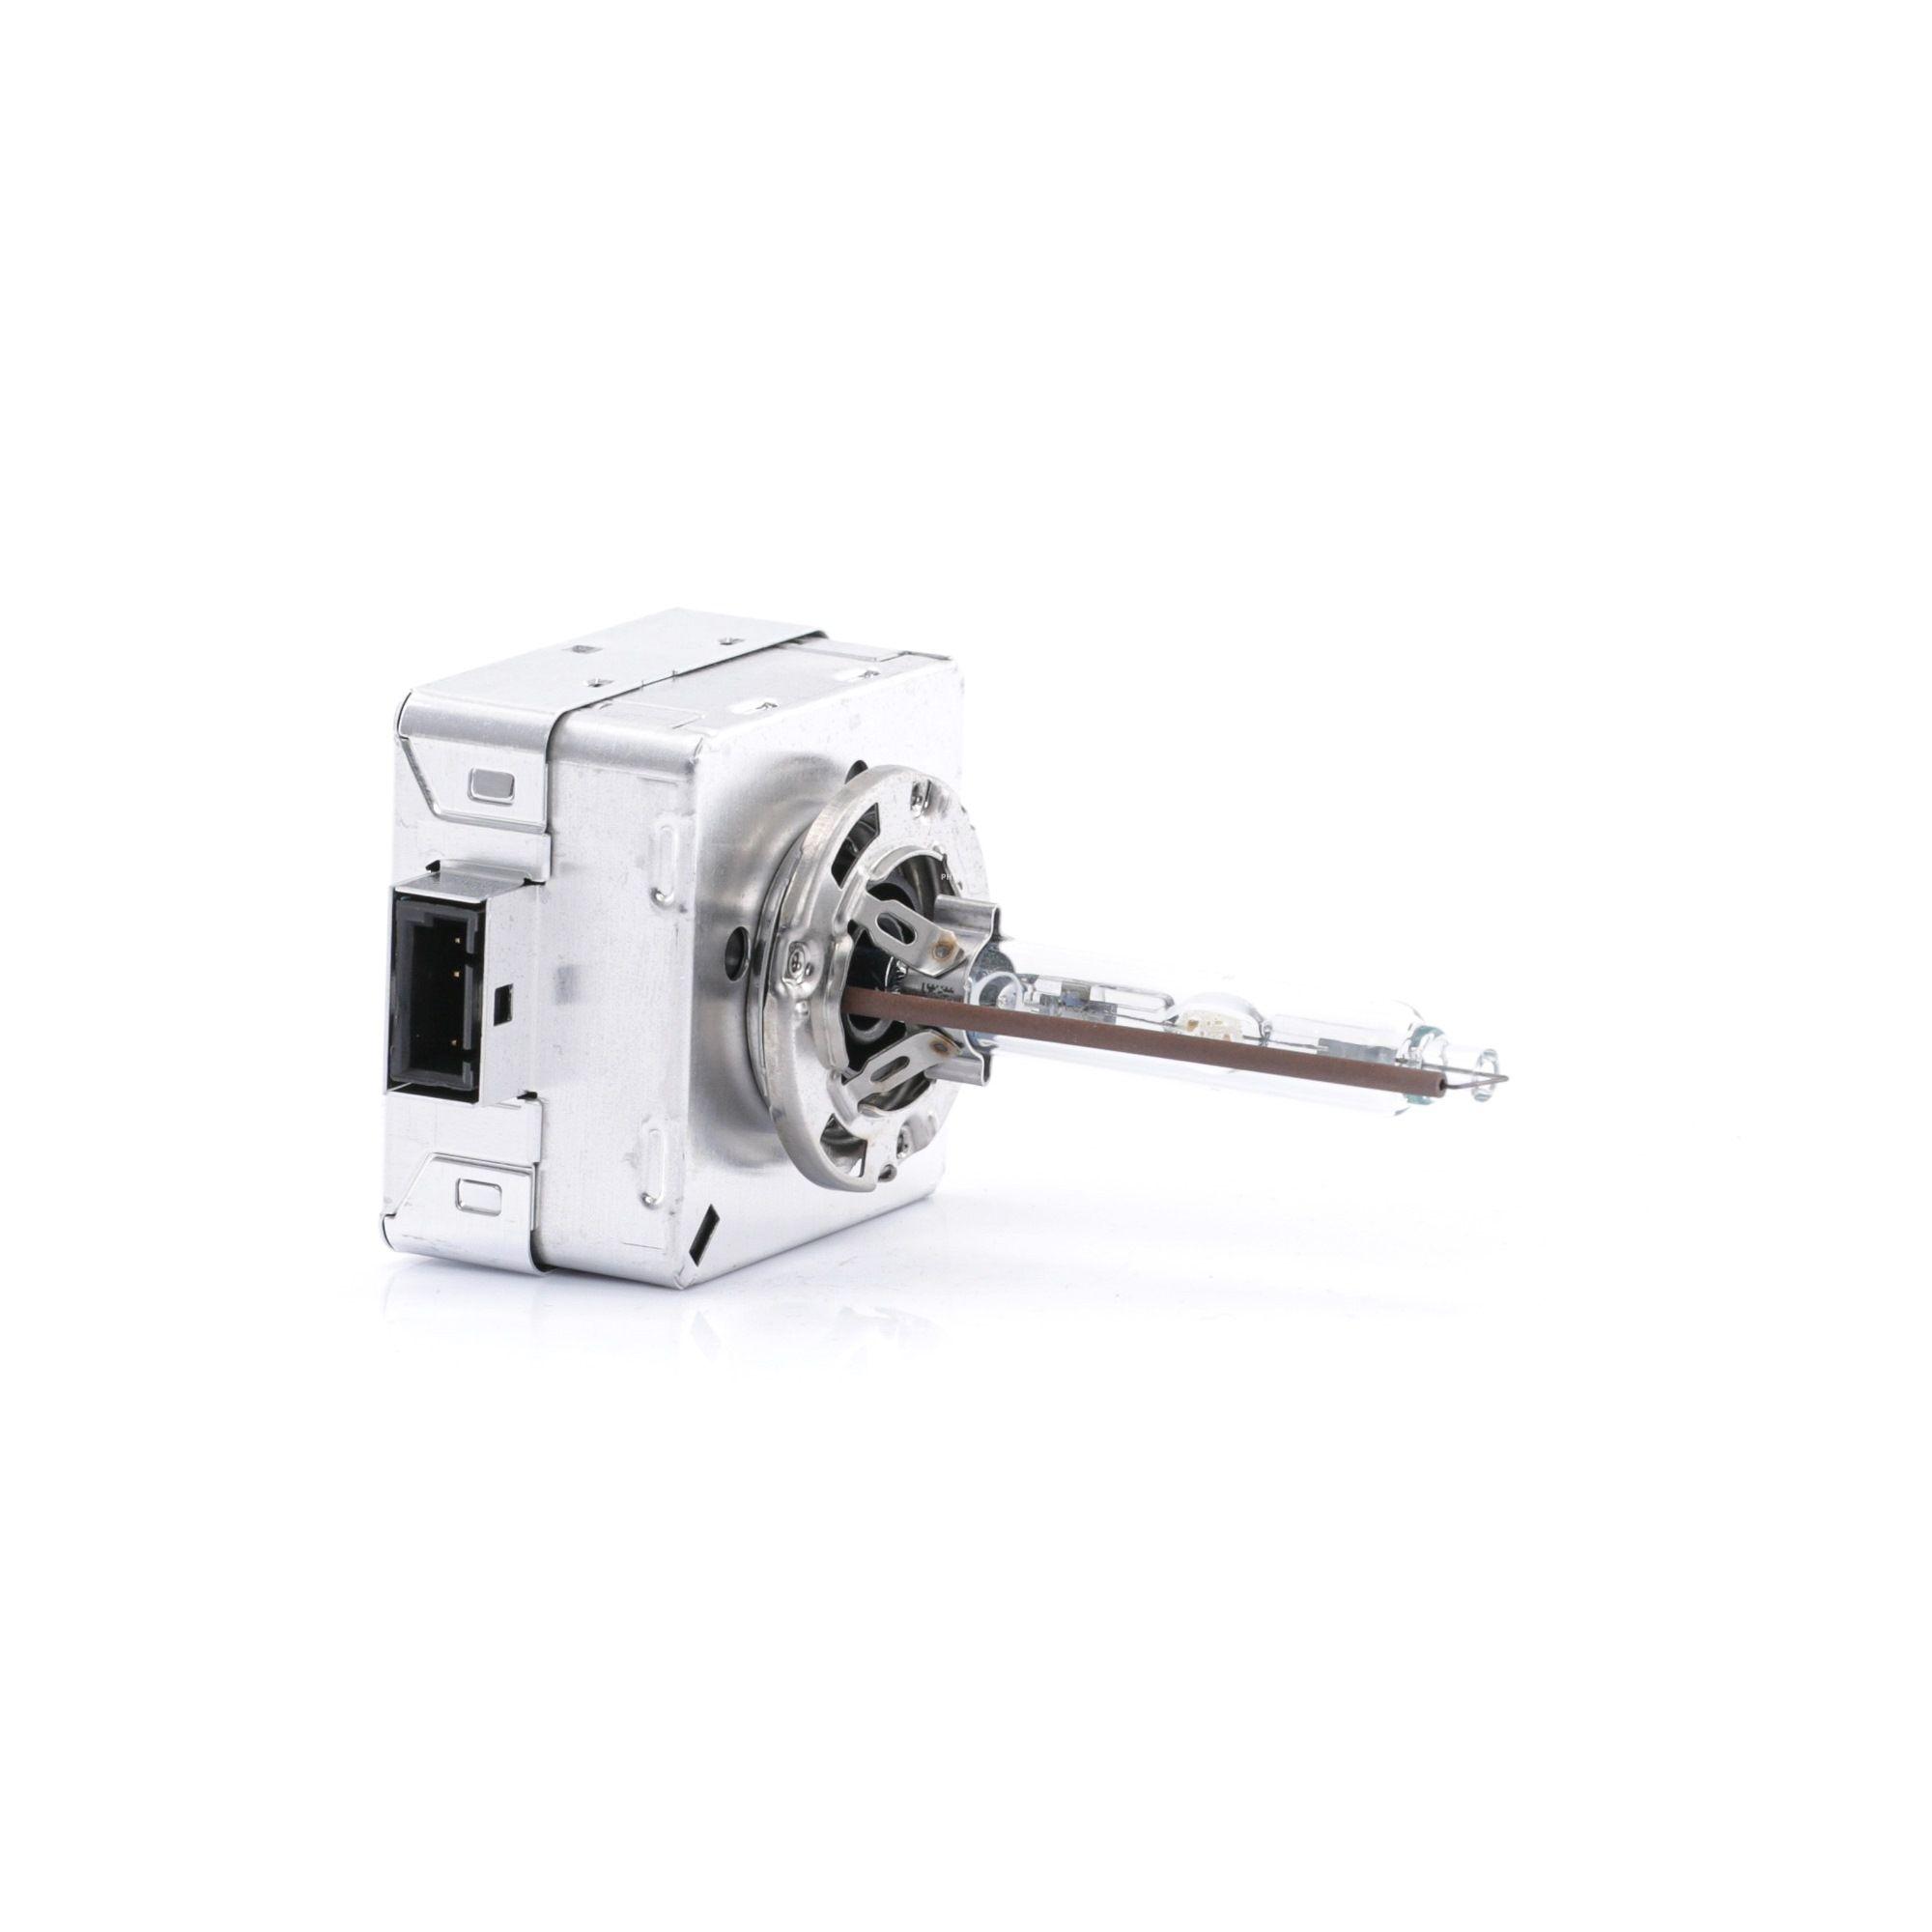 Pieces d'origine: Ampoule, projecteur longue portée PHILIPS 42403VIS1 () - Achetez tout de suite!